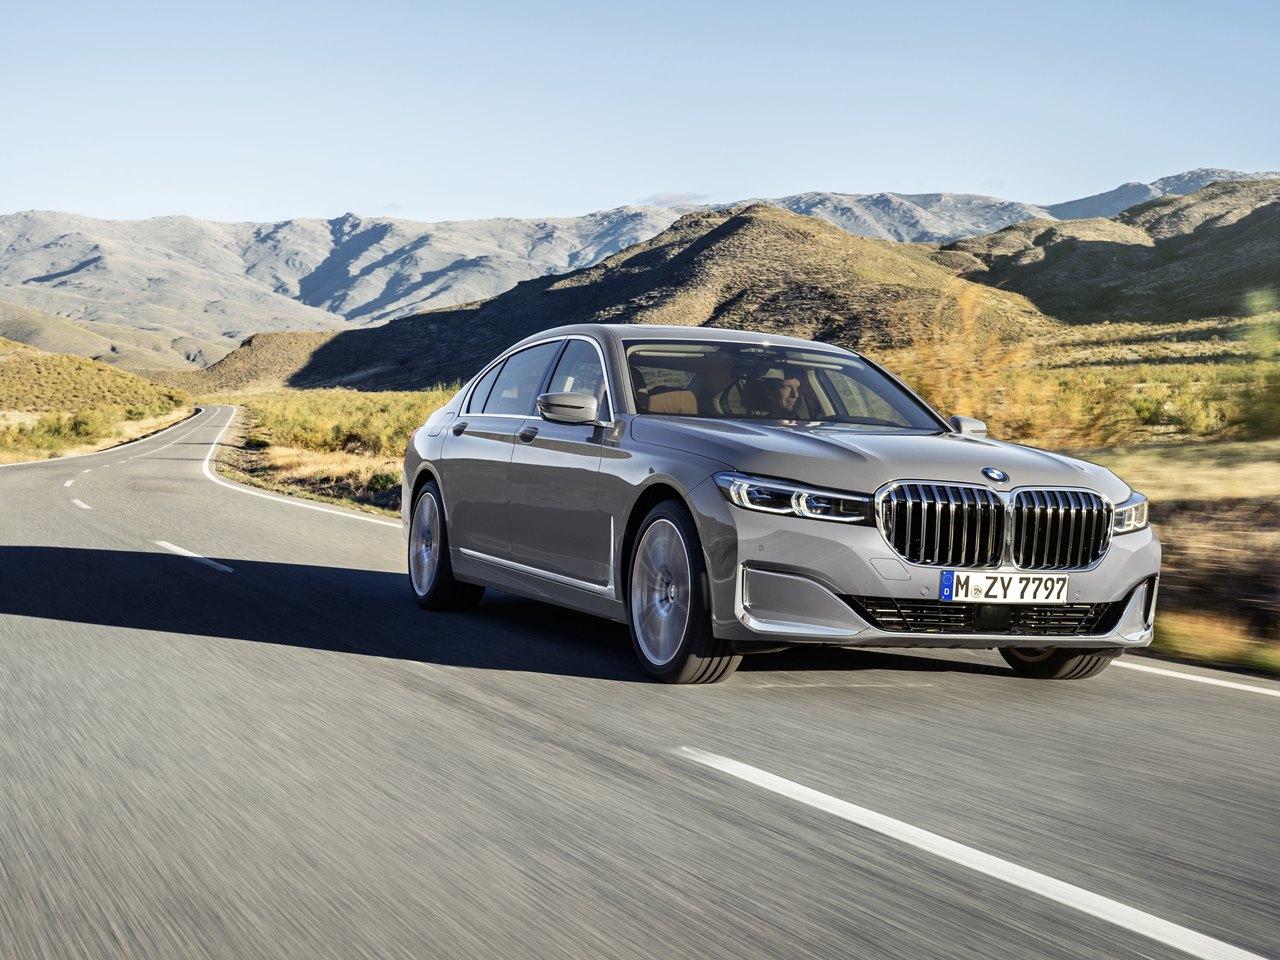 2020 BMW 750Li Xdrive New Review